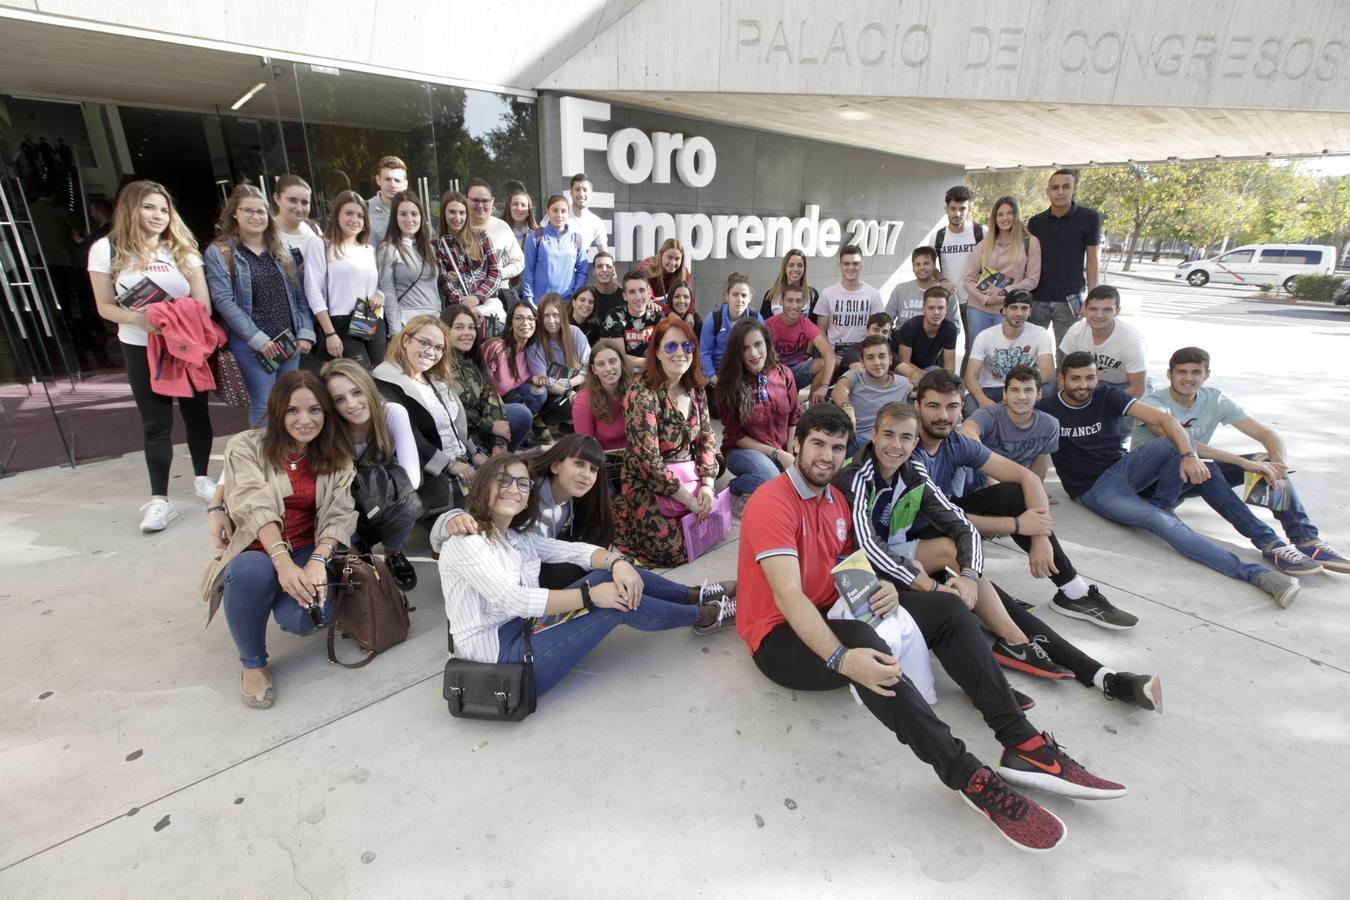 Nueva edición de Foro Emprende en Cáceres